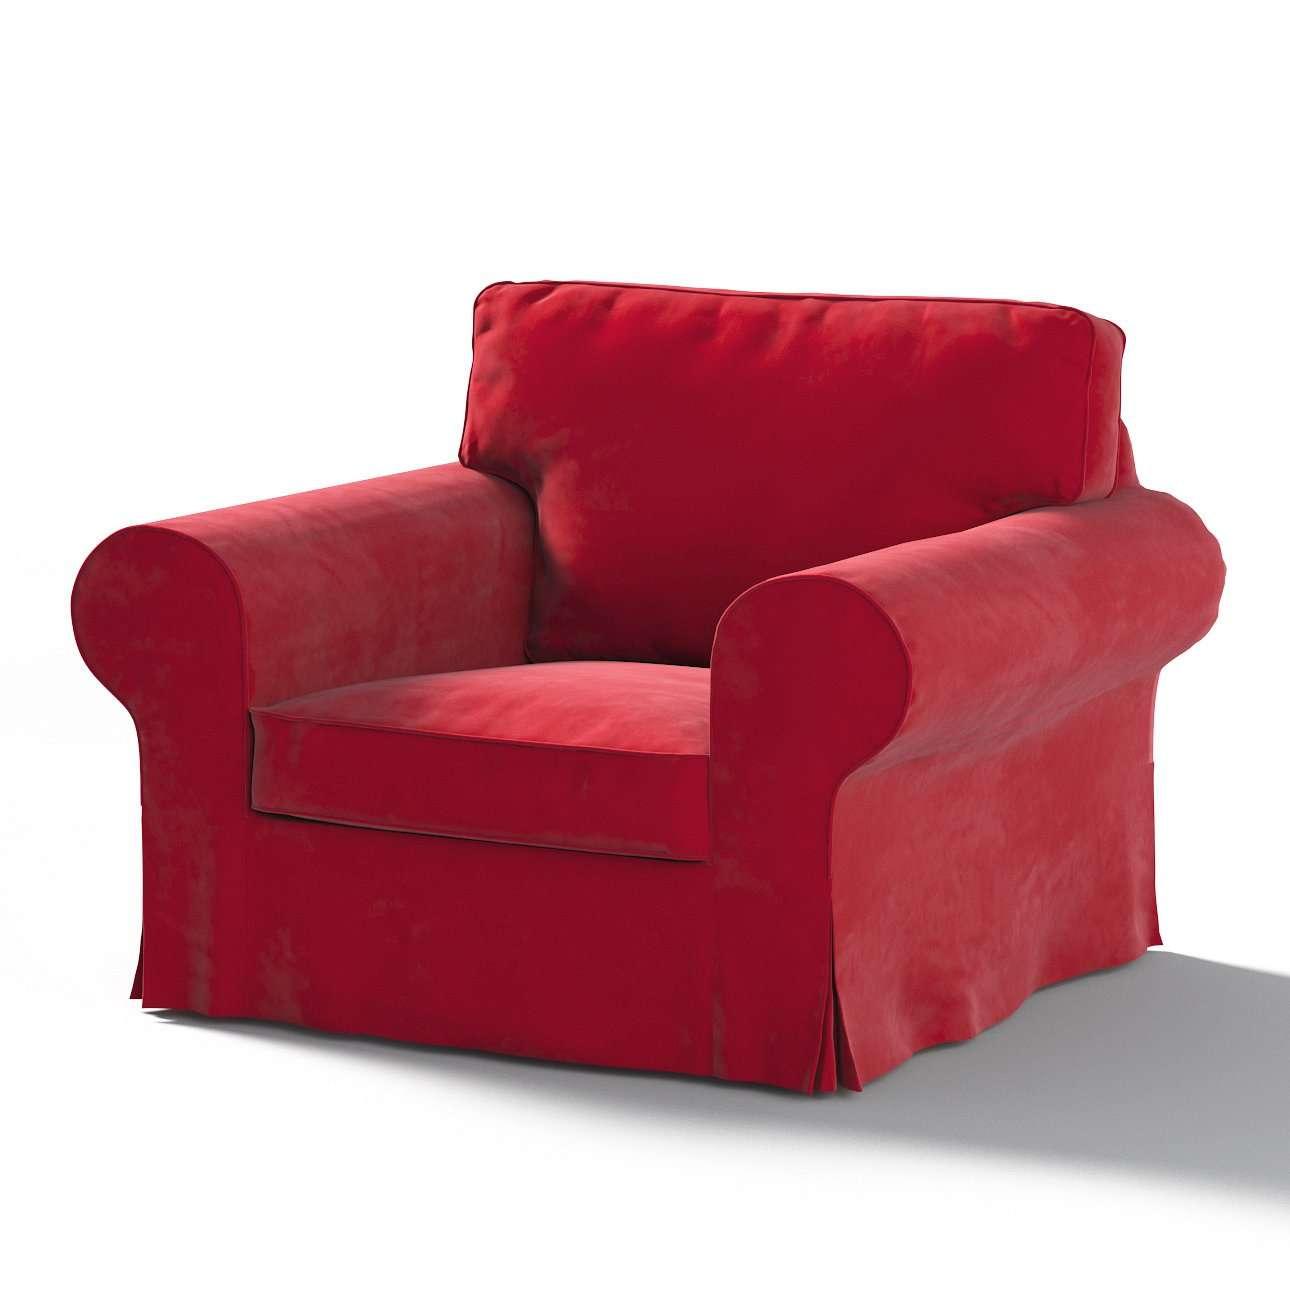 Pokrowiec na fotel Ektorp w kolekcji Christmas, tkanina: 704-15